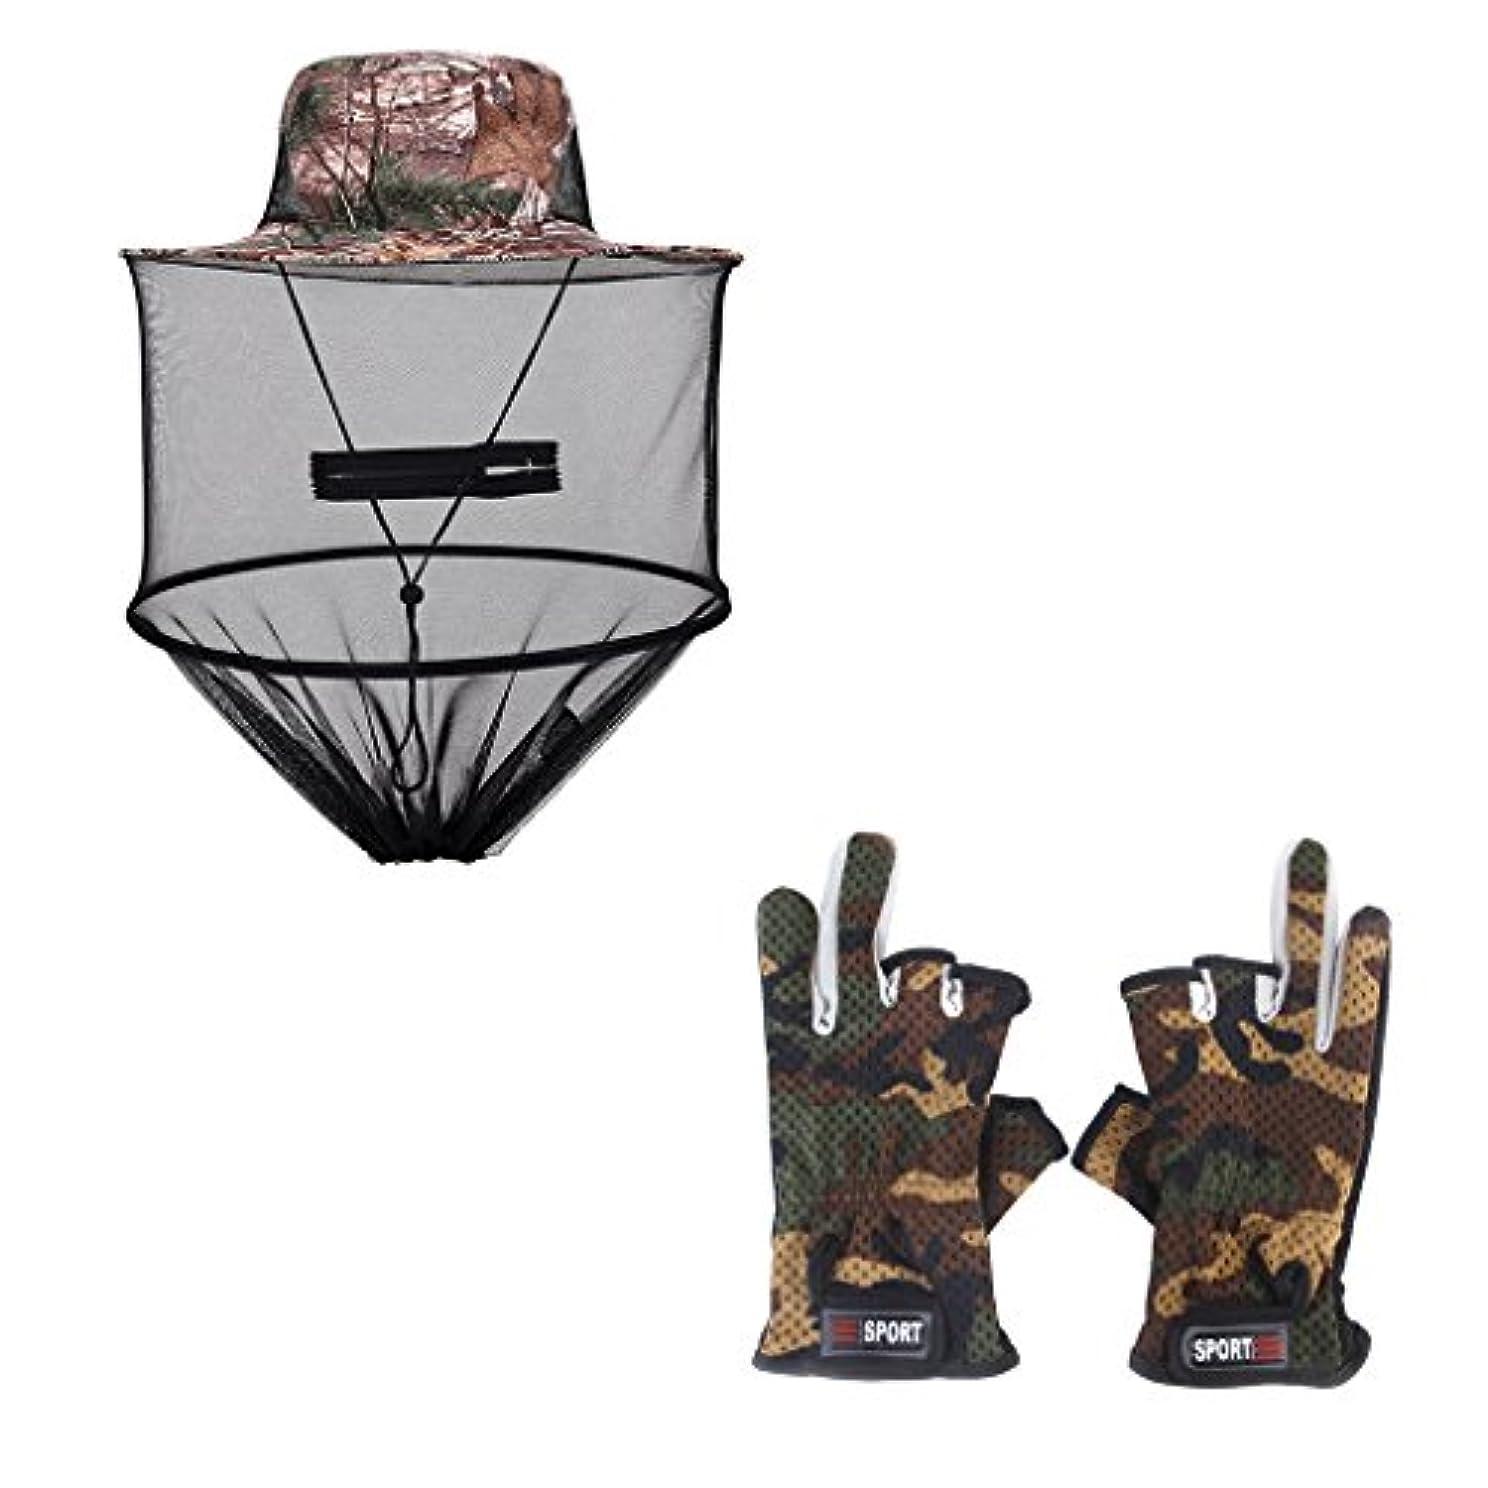 アームストロングあまりにも流暢Flameer 3ローカット 指 フィッシング グローブ 蚊対策 ハット 蜂防止 フェイス 保護 帽子  キャンバス